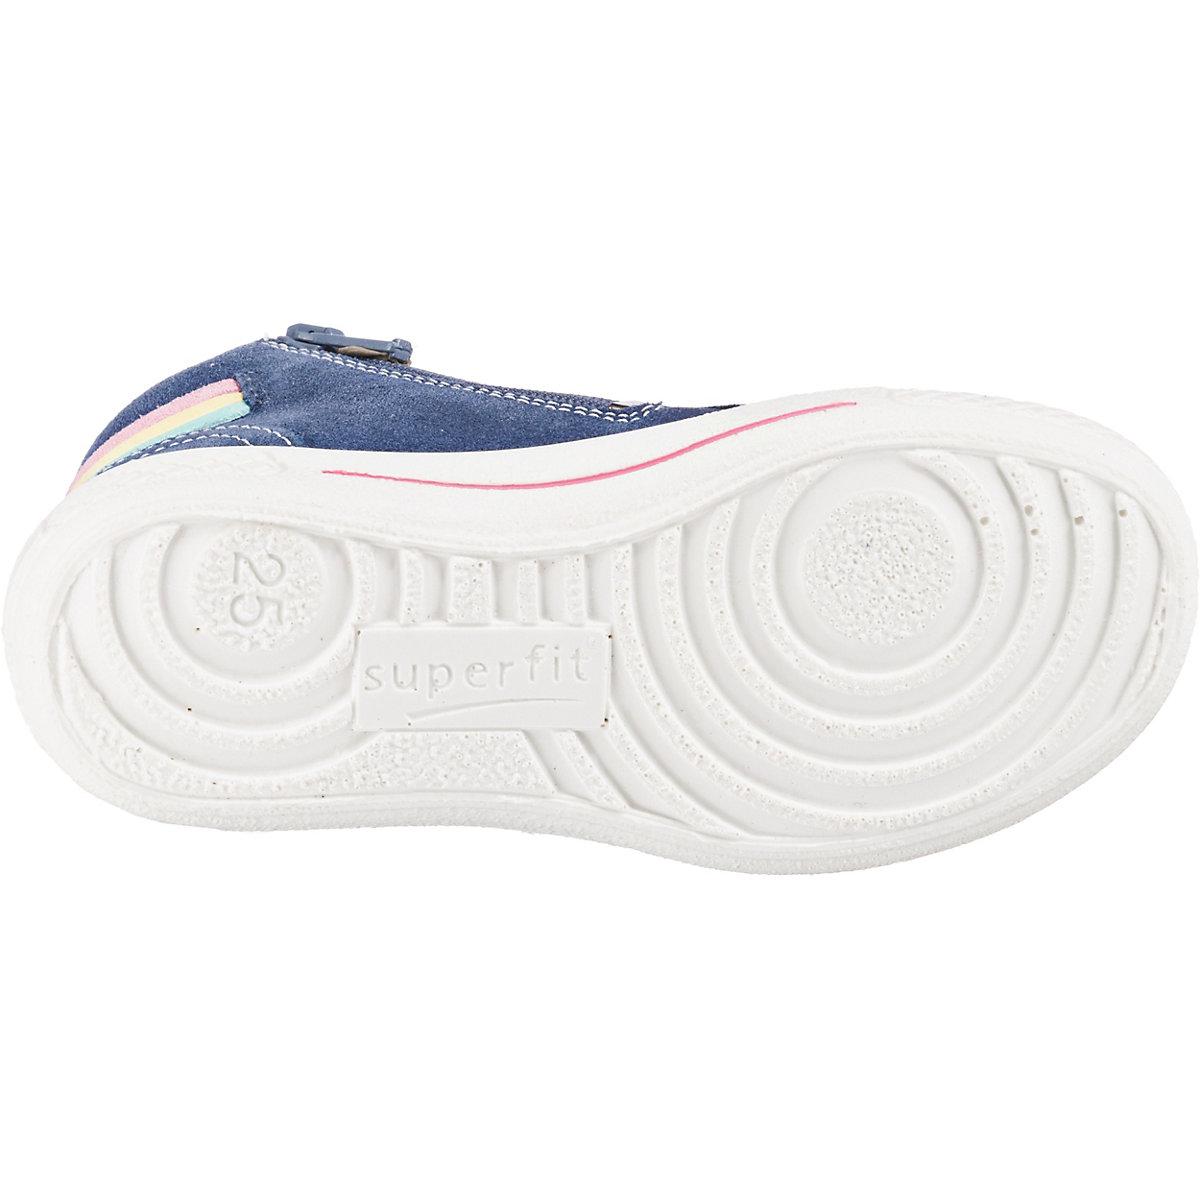 Superfit, Sneaker High Tensy Für Mädchen, Wms-weite M4, Blau